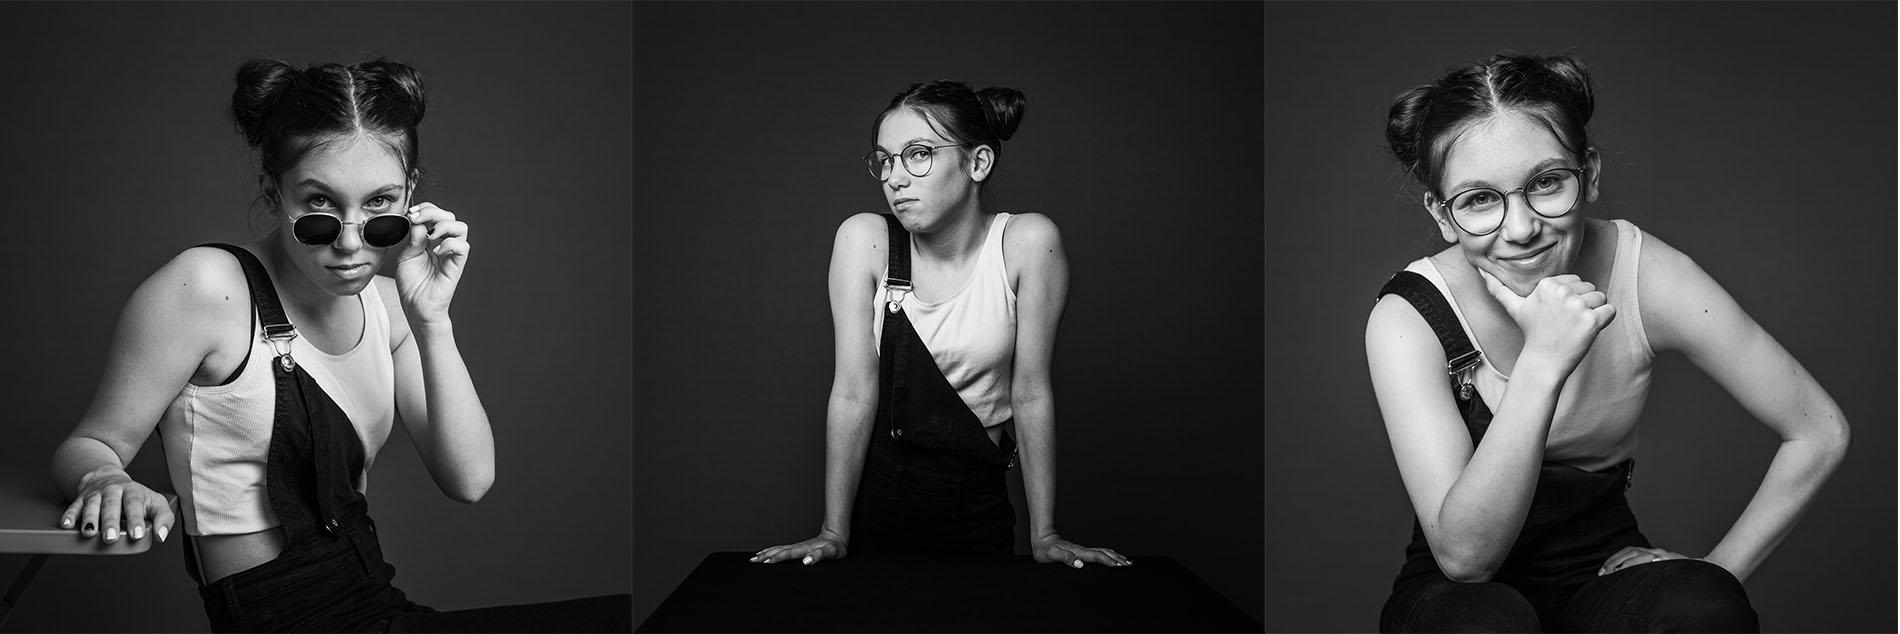 photo de catégorie Photographe de portrait de Ludovic Souillat